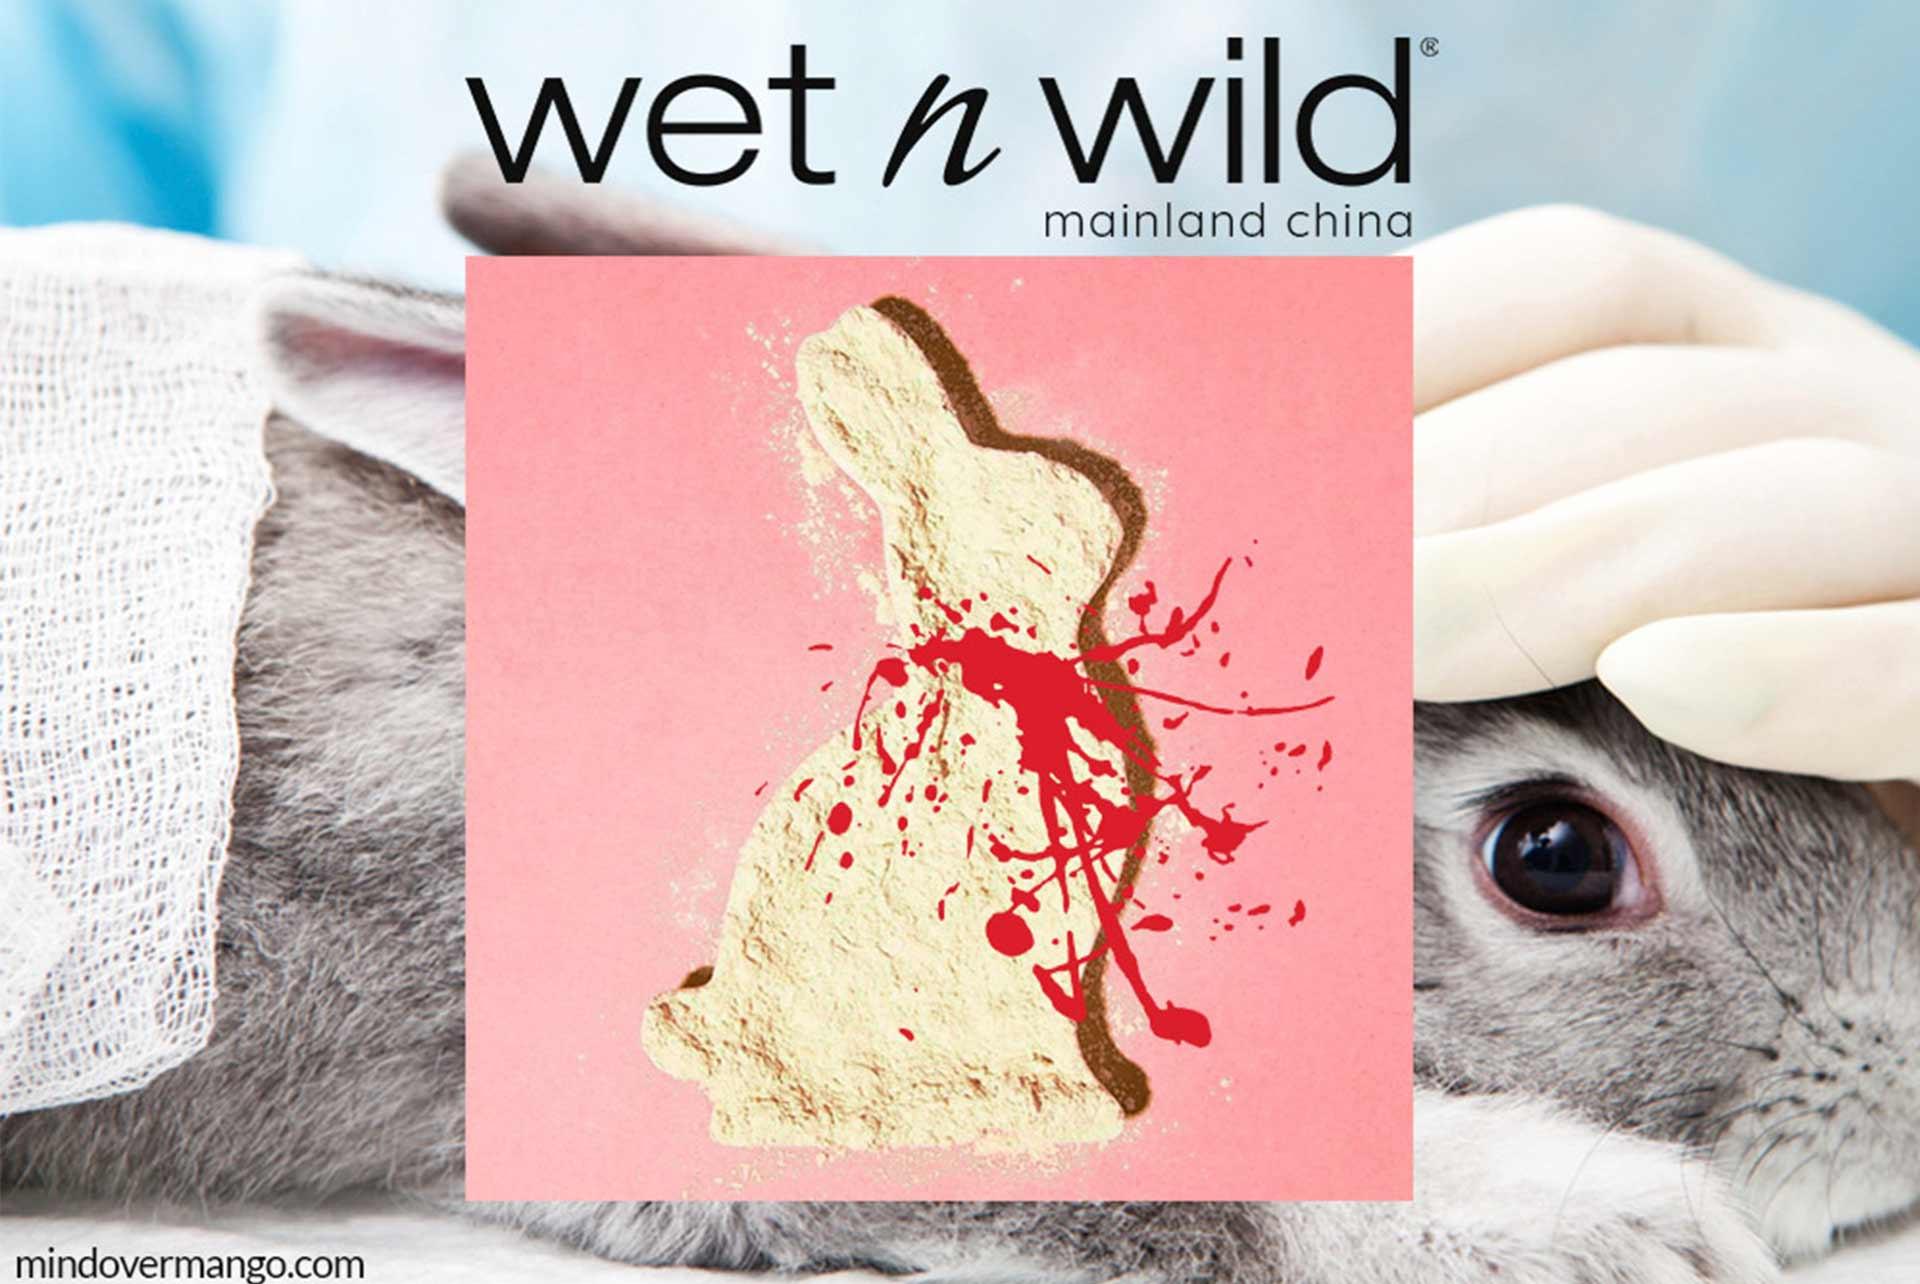 Is Wet n Wild Cruelty-Free?